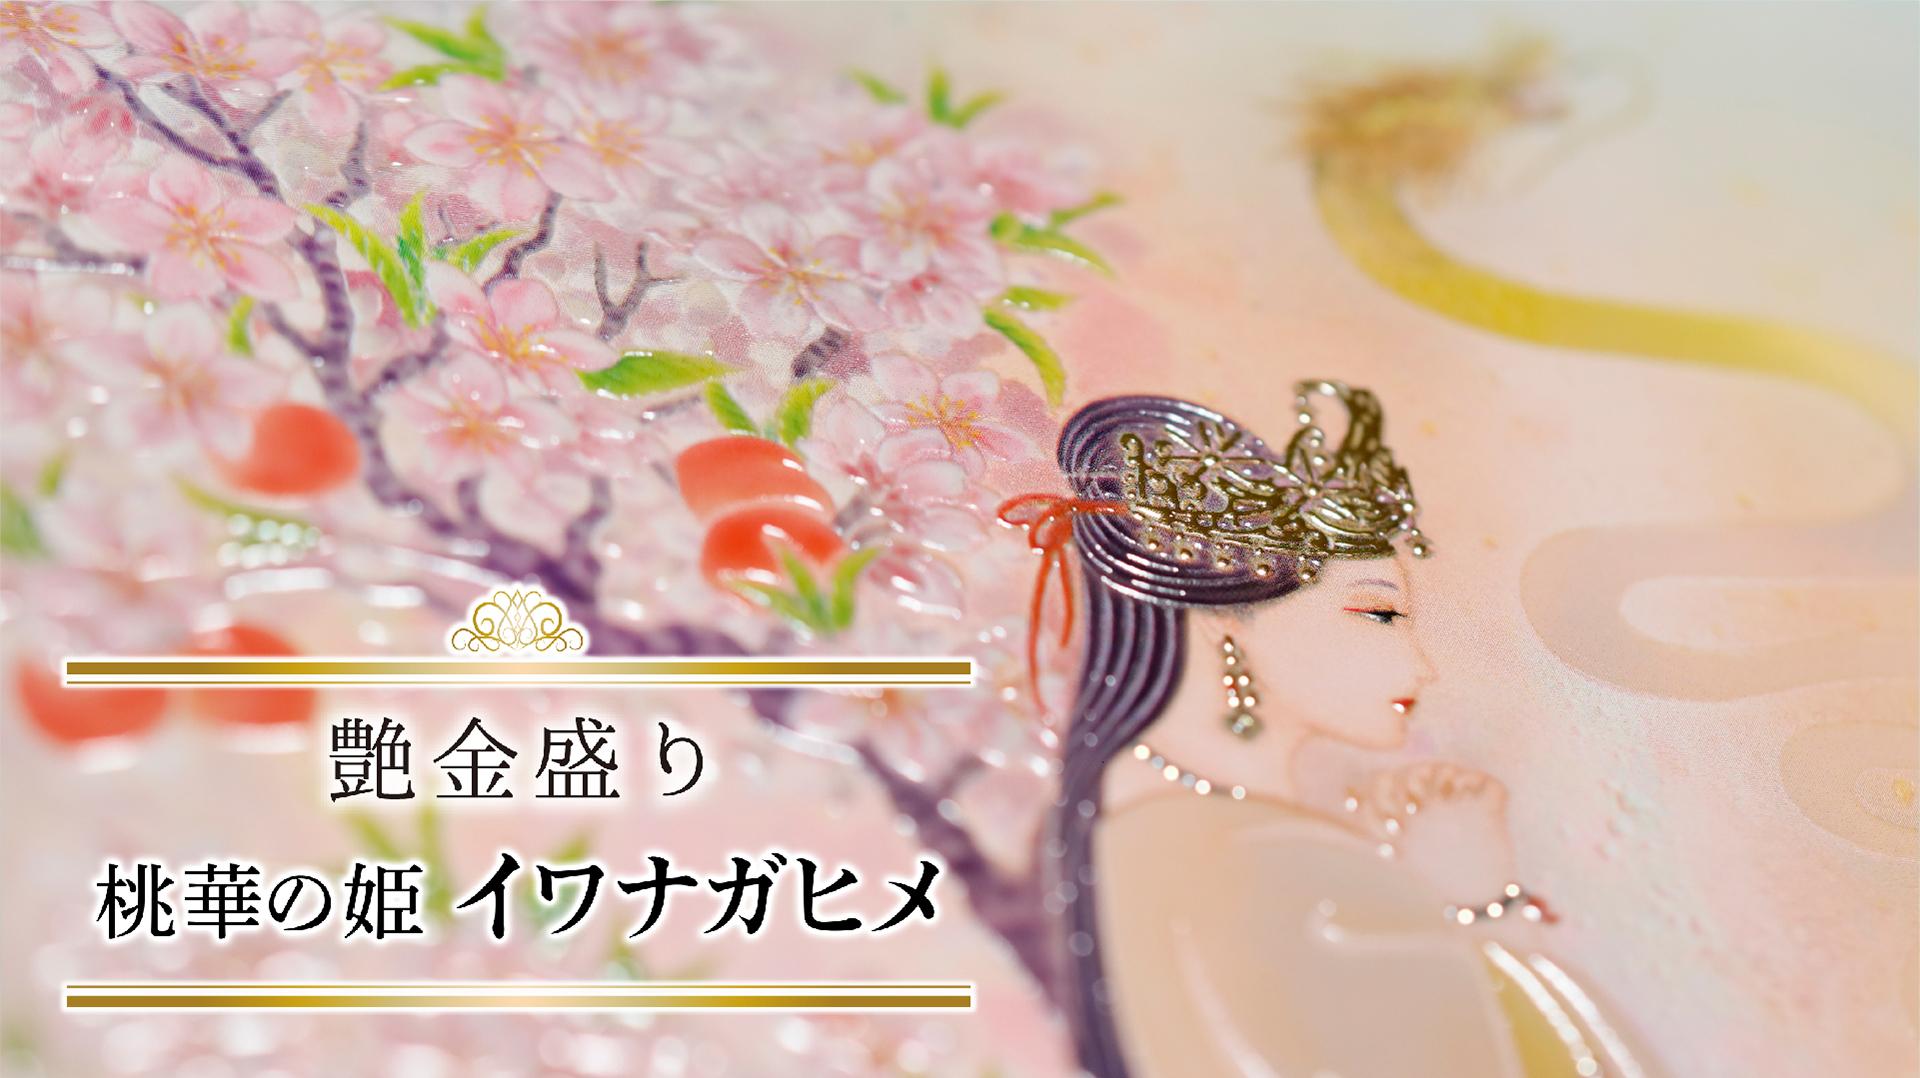 艶金盛り「桃華の姫 イワナガヒメ」